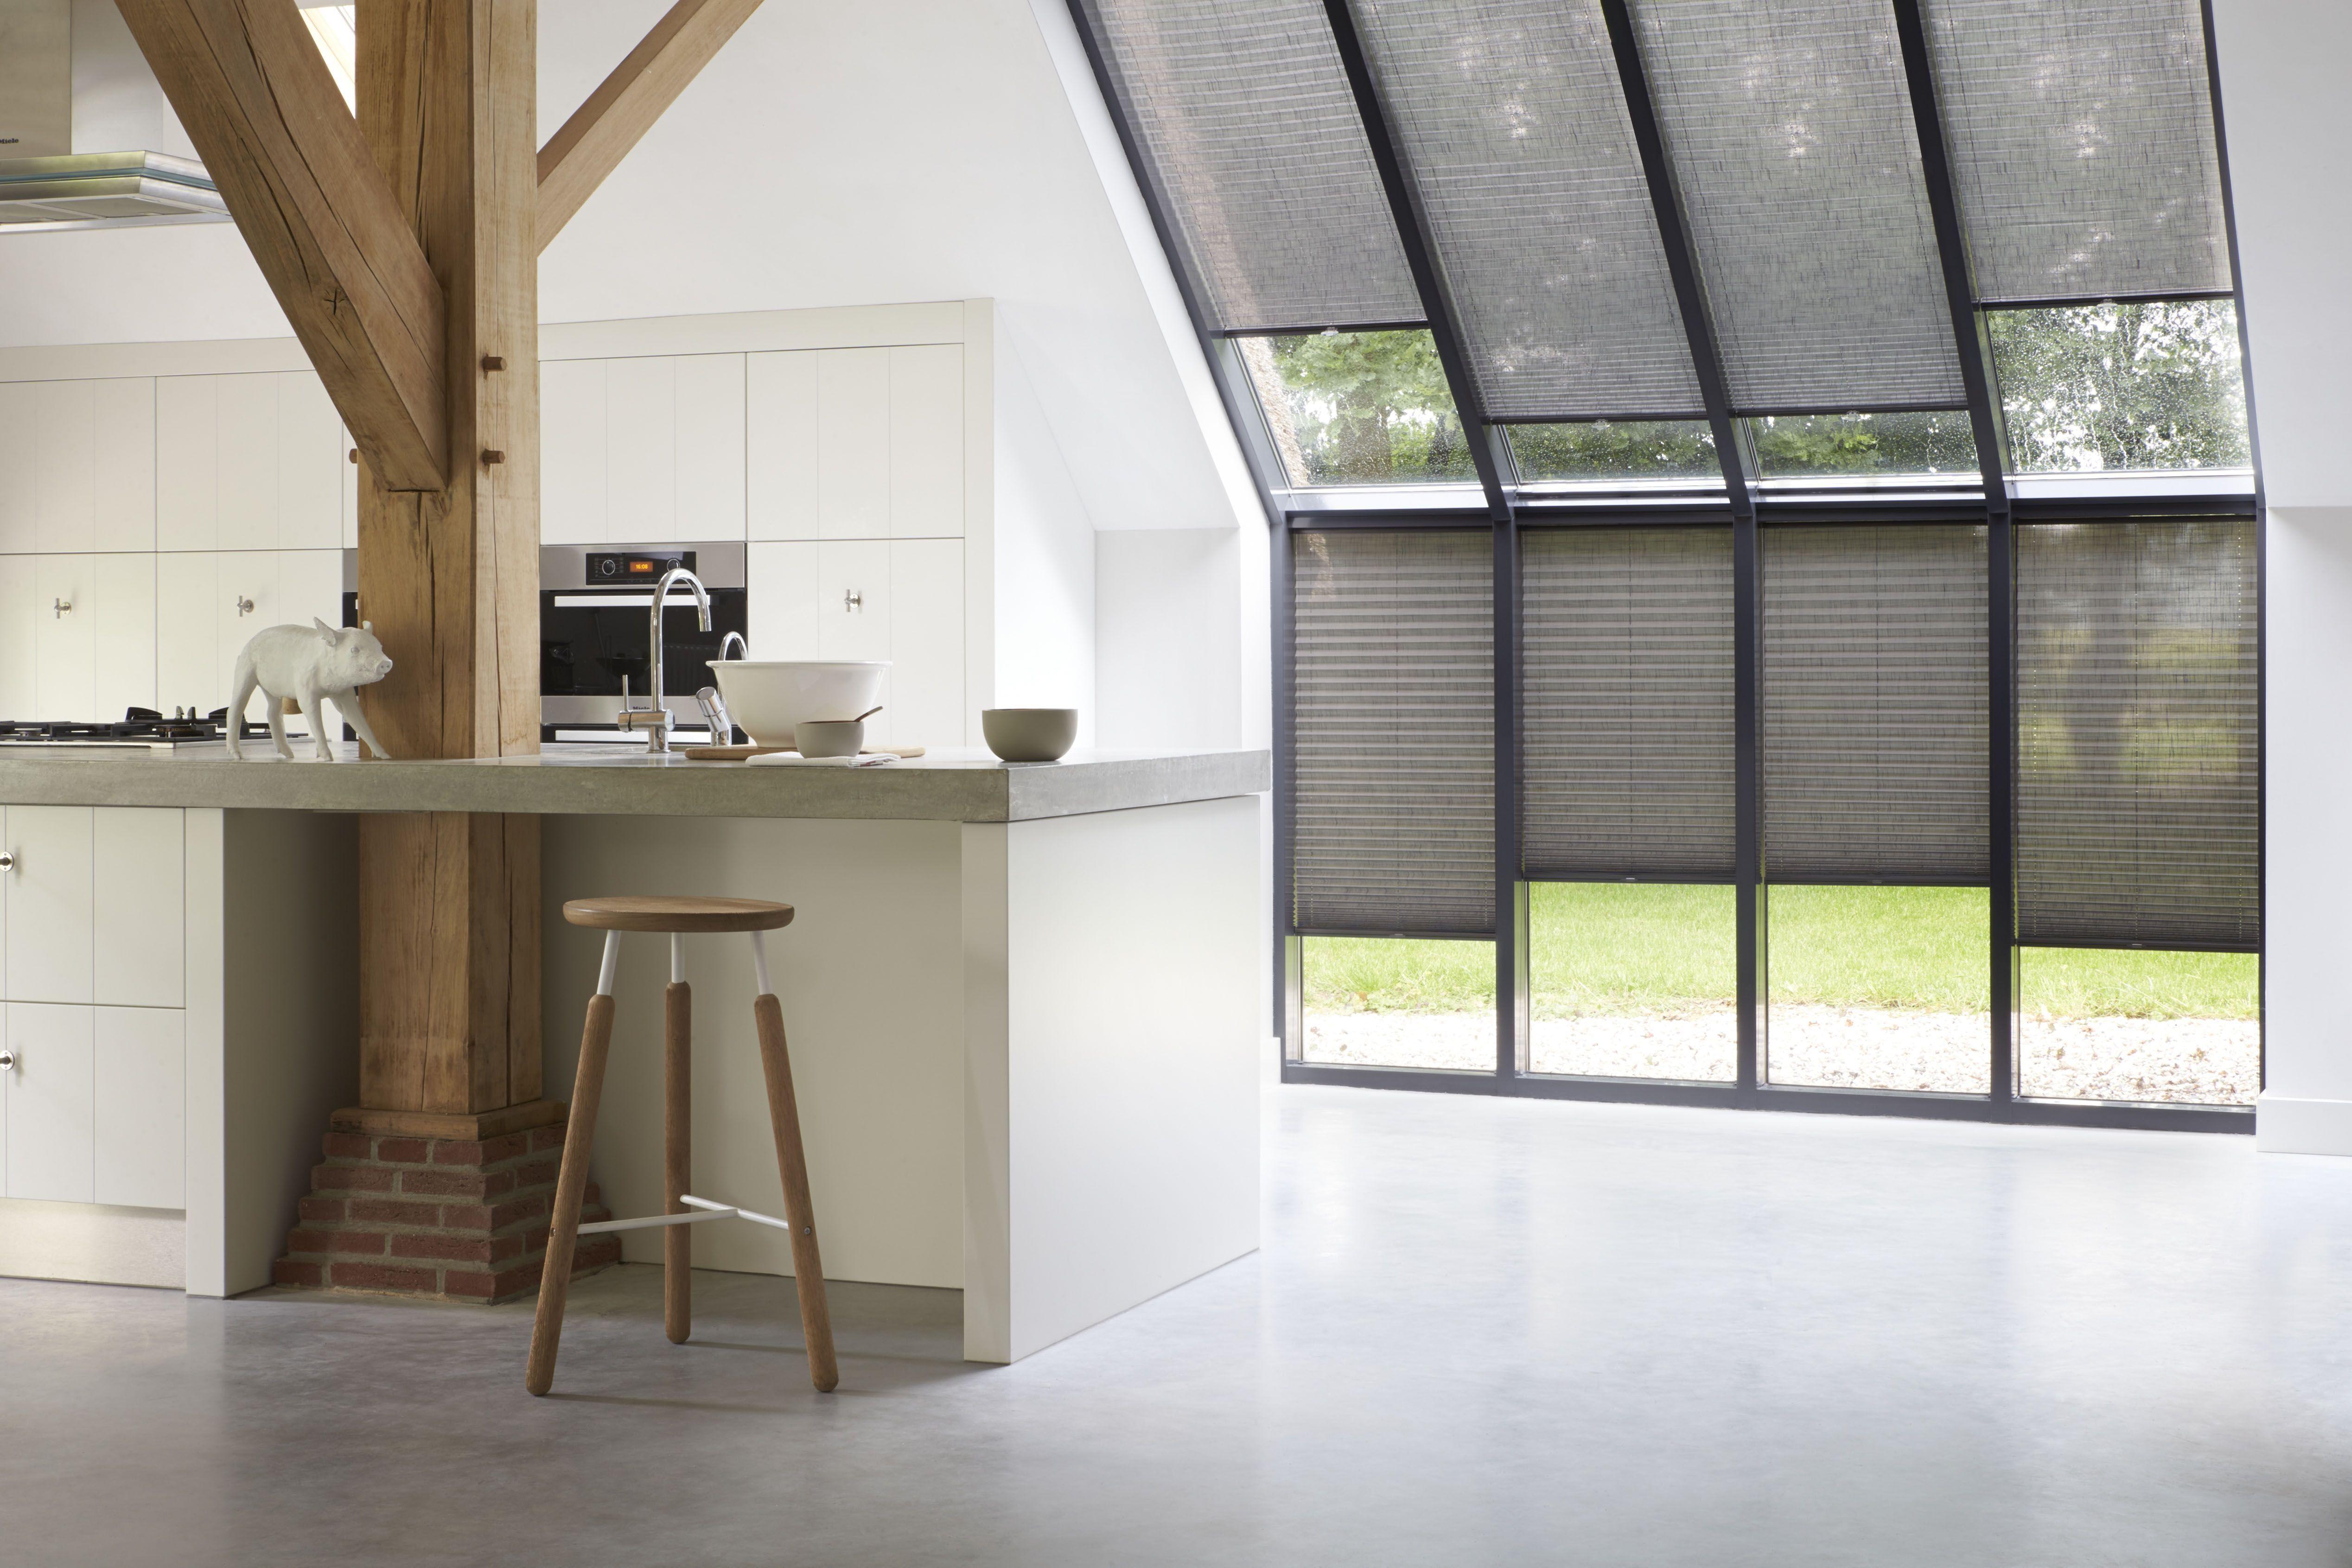 Raamdecoratie keuken better keukens in aparte ruimtes geen